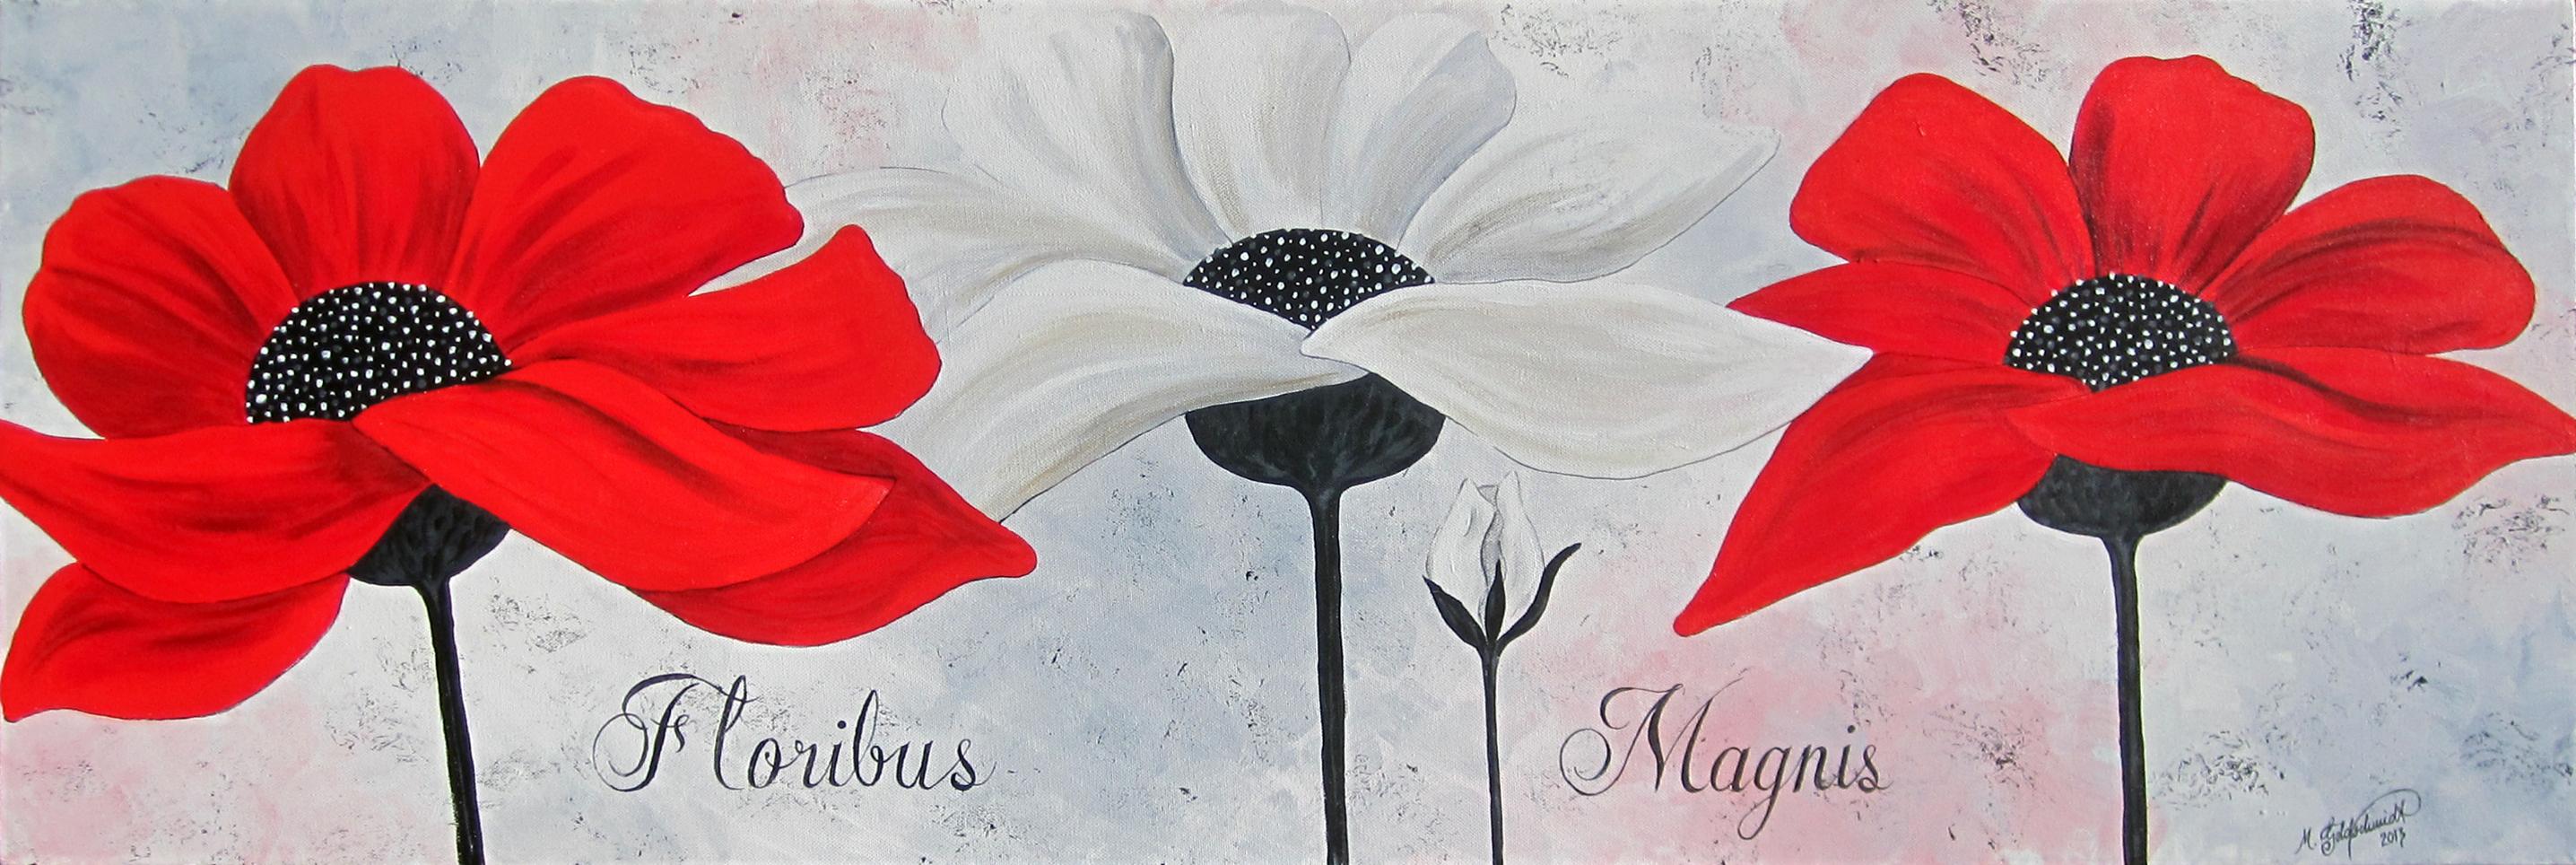 Floribus Magnis